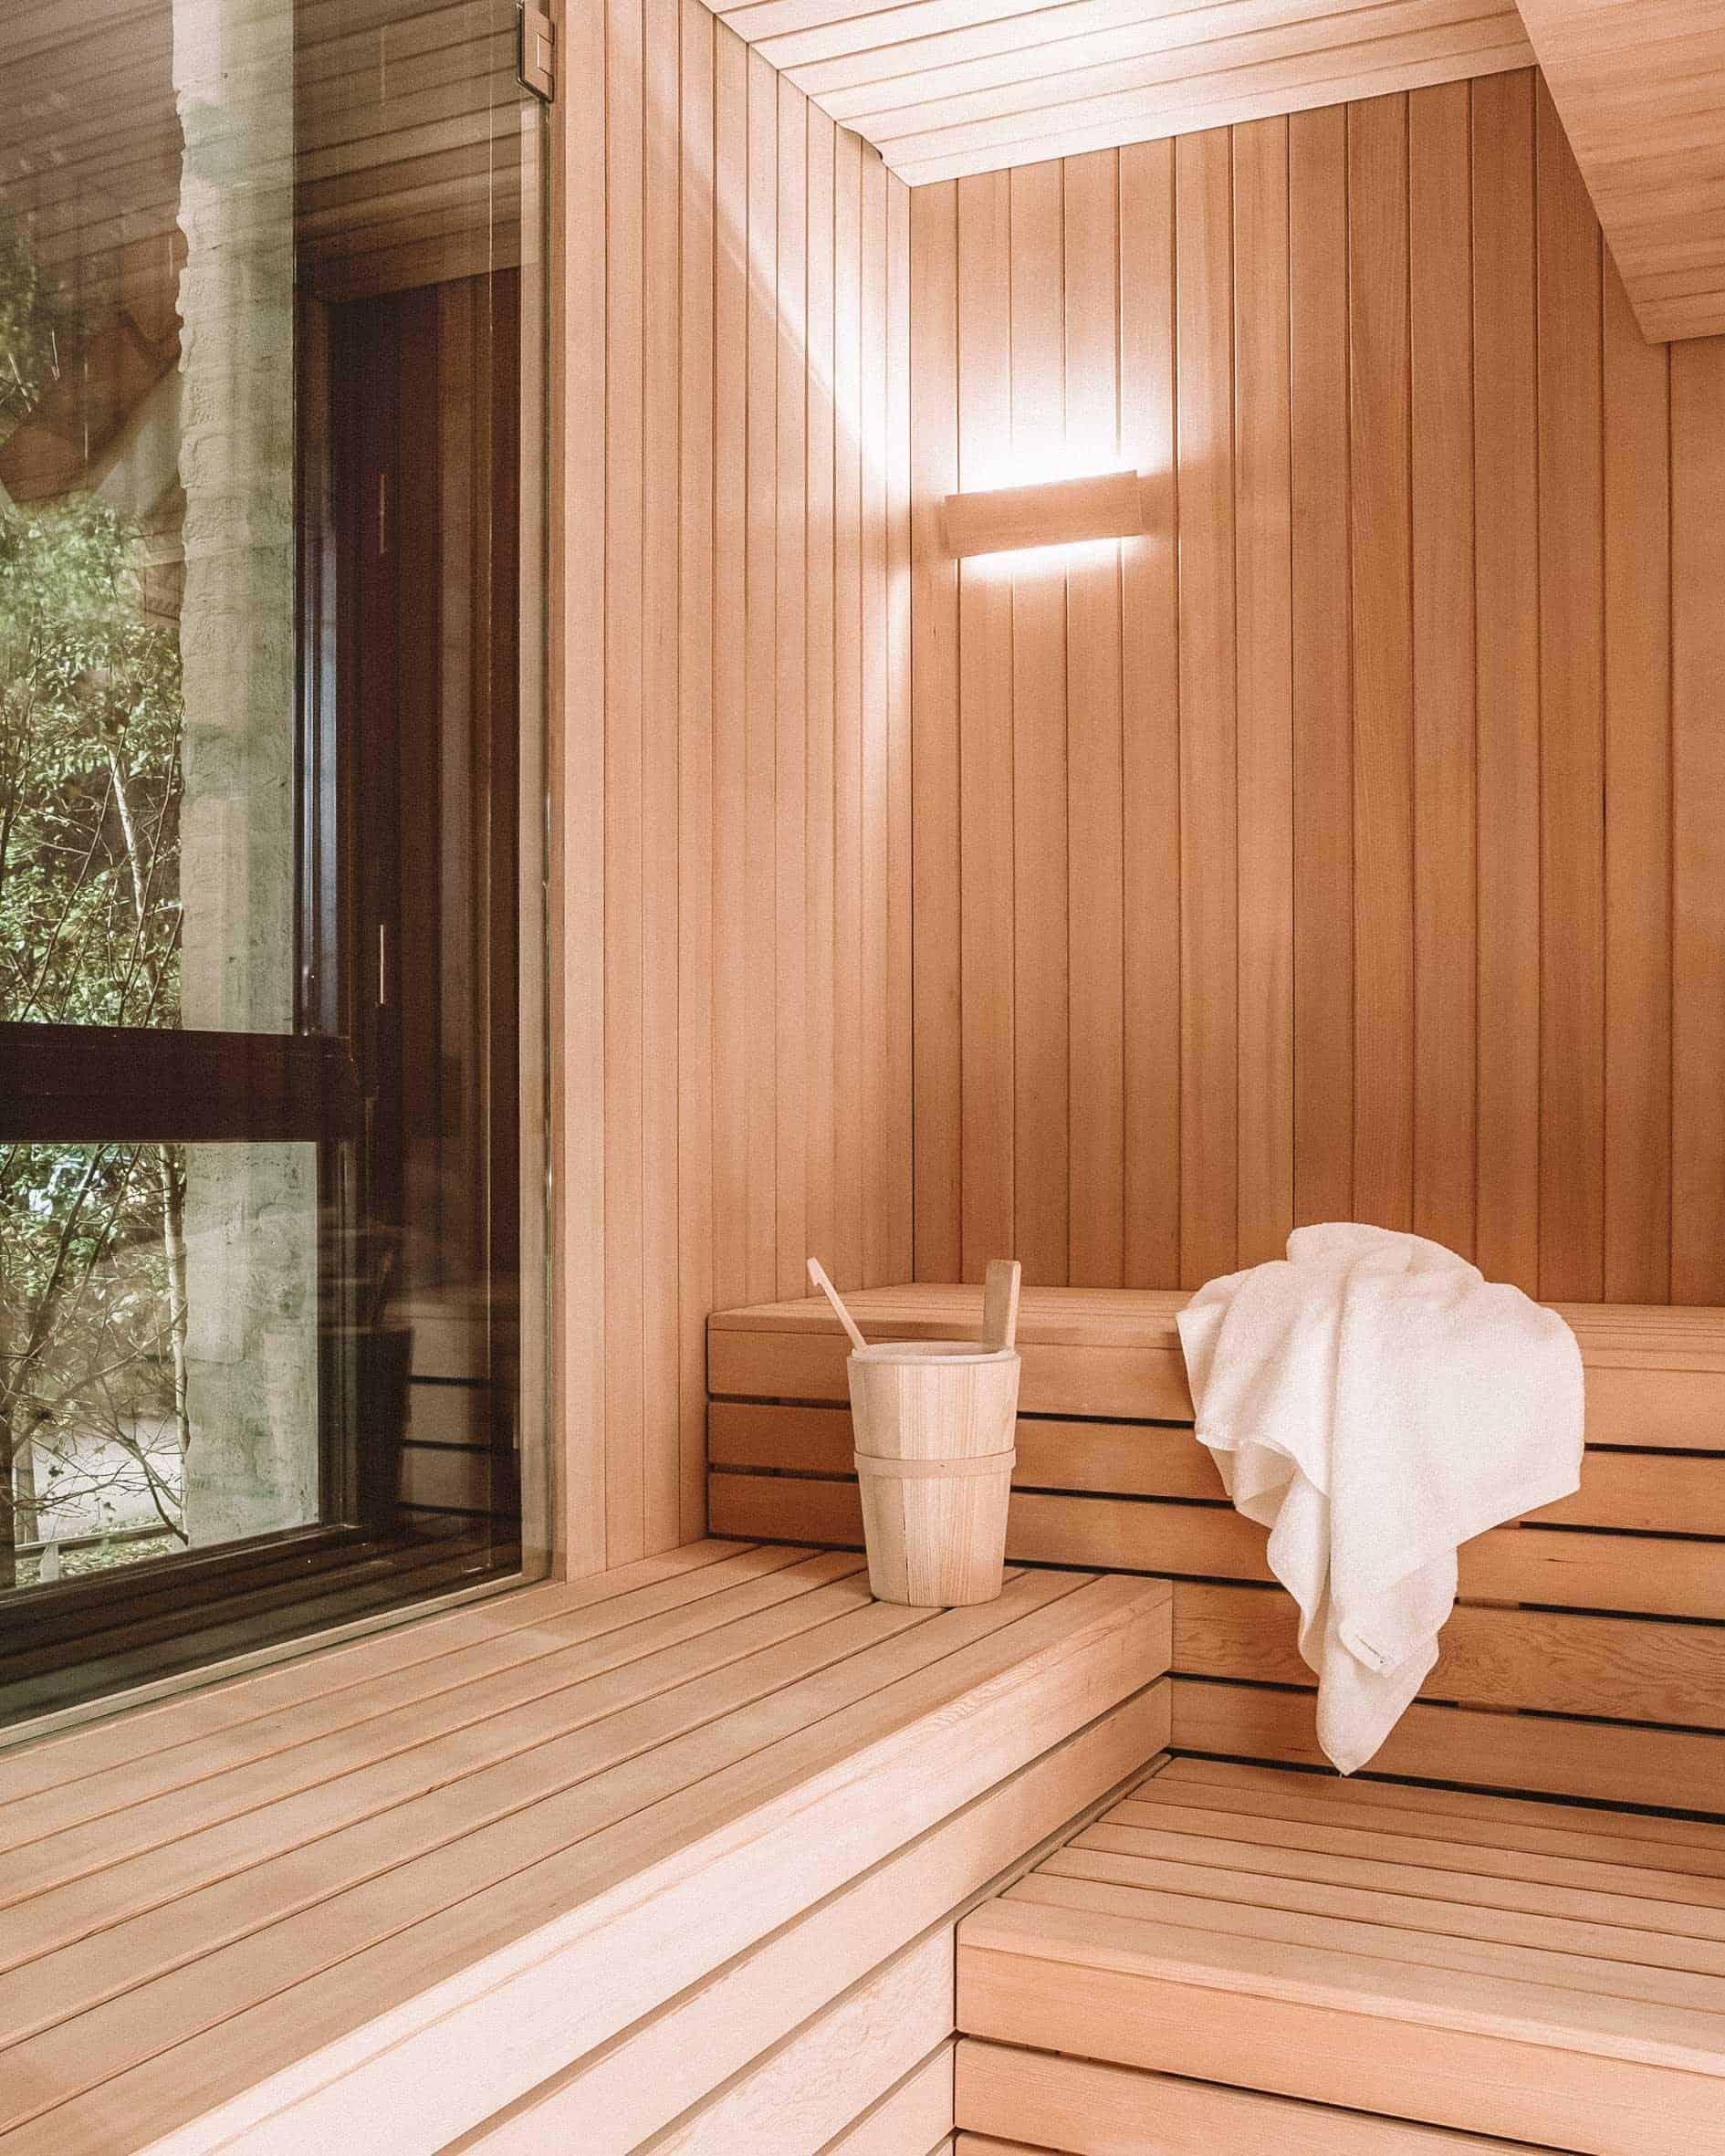 Louvre lens sauna